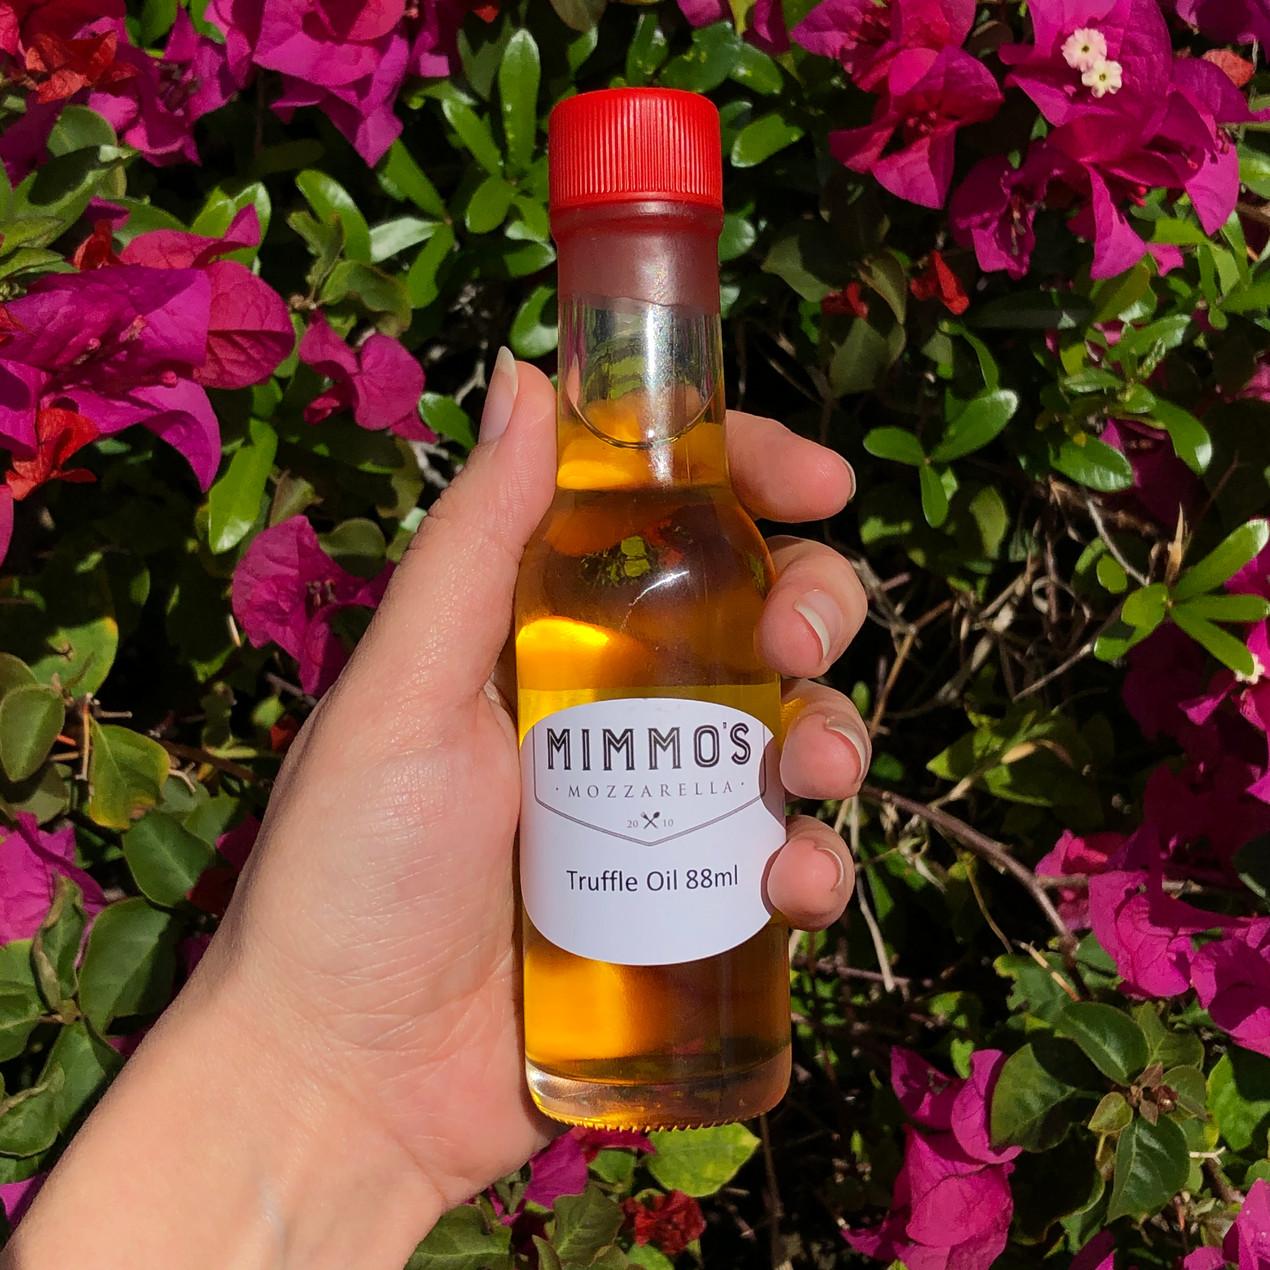 Mimmo's Mozzarella Truffle Oil